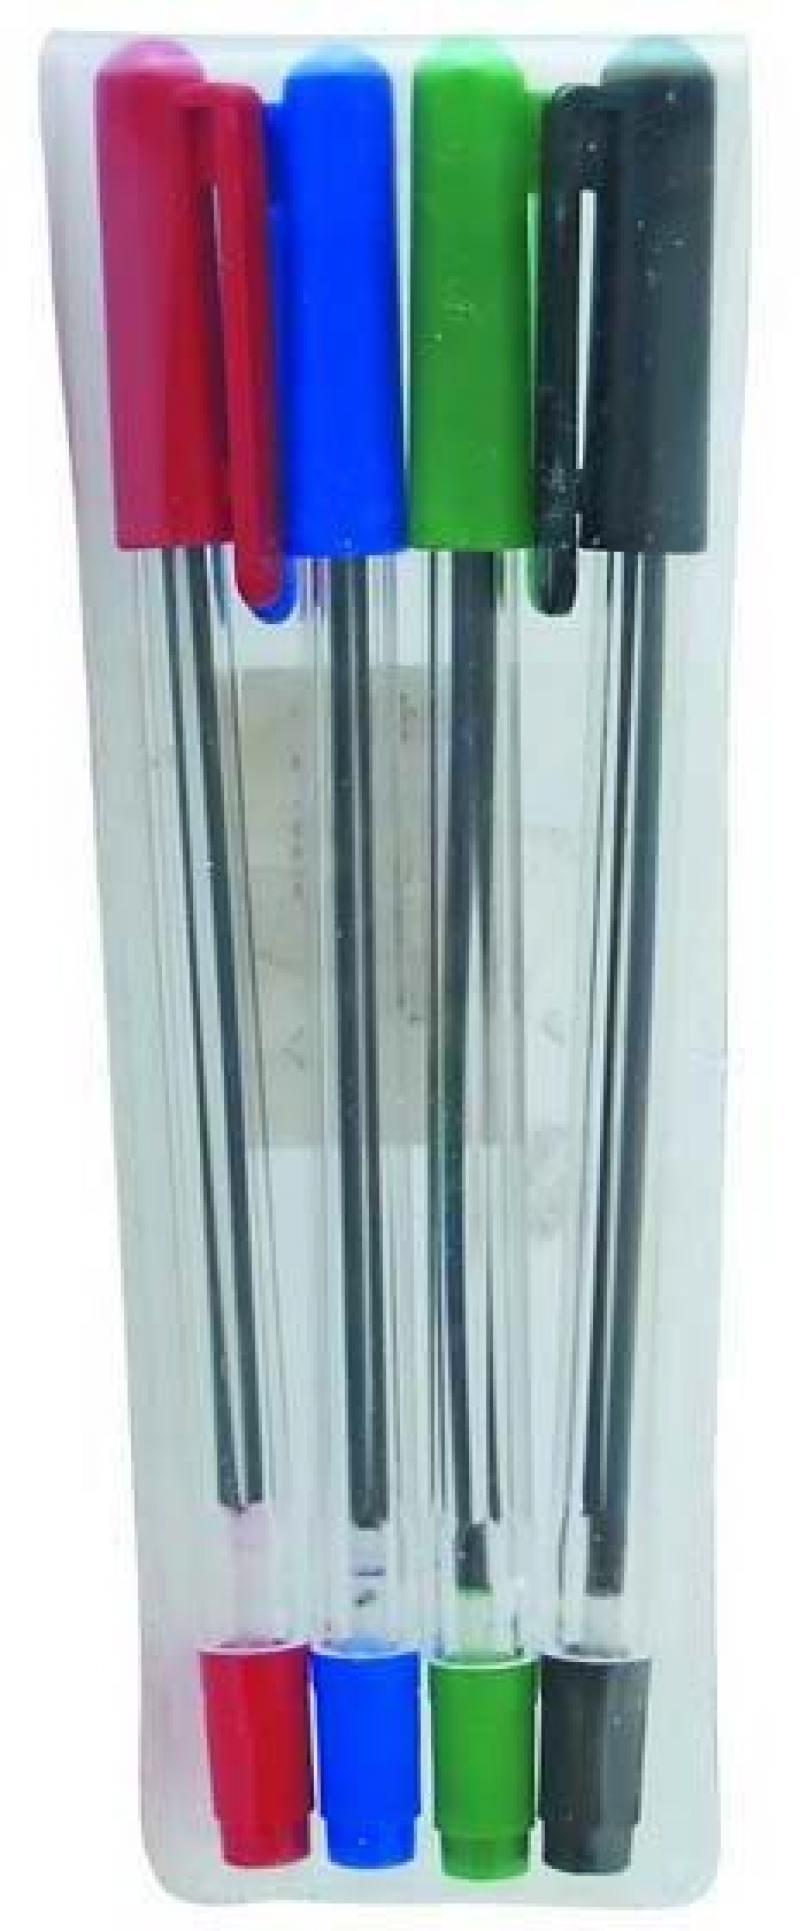 Набор шариковых ручек СТАММ РС07 4 шт разноцветный 1 мм РС07 набор шариковых ручек стамм рс07 4 шт разноцветный 1 мм рс07